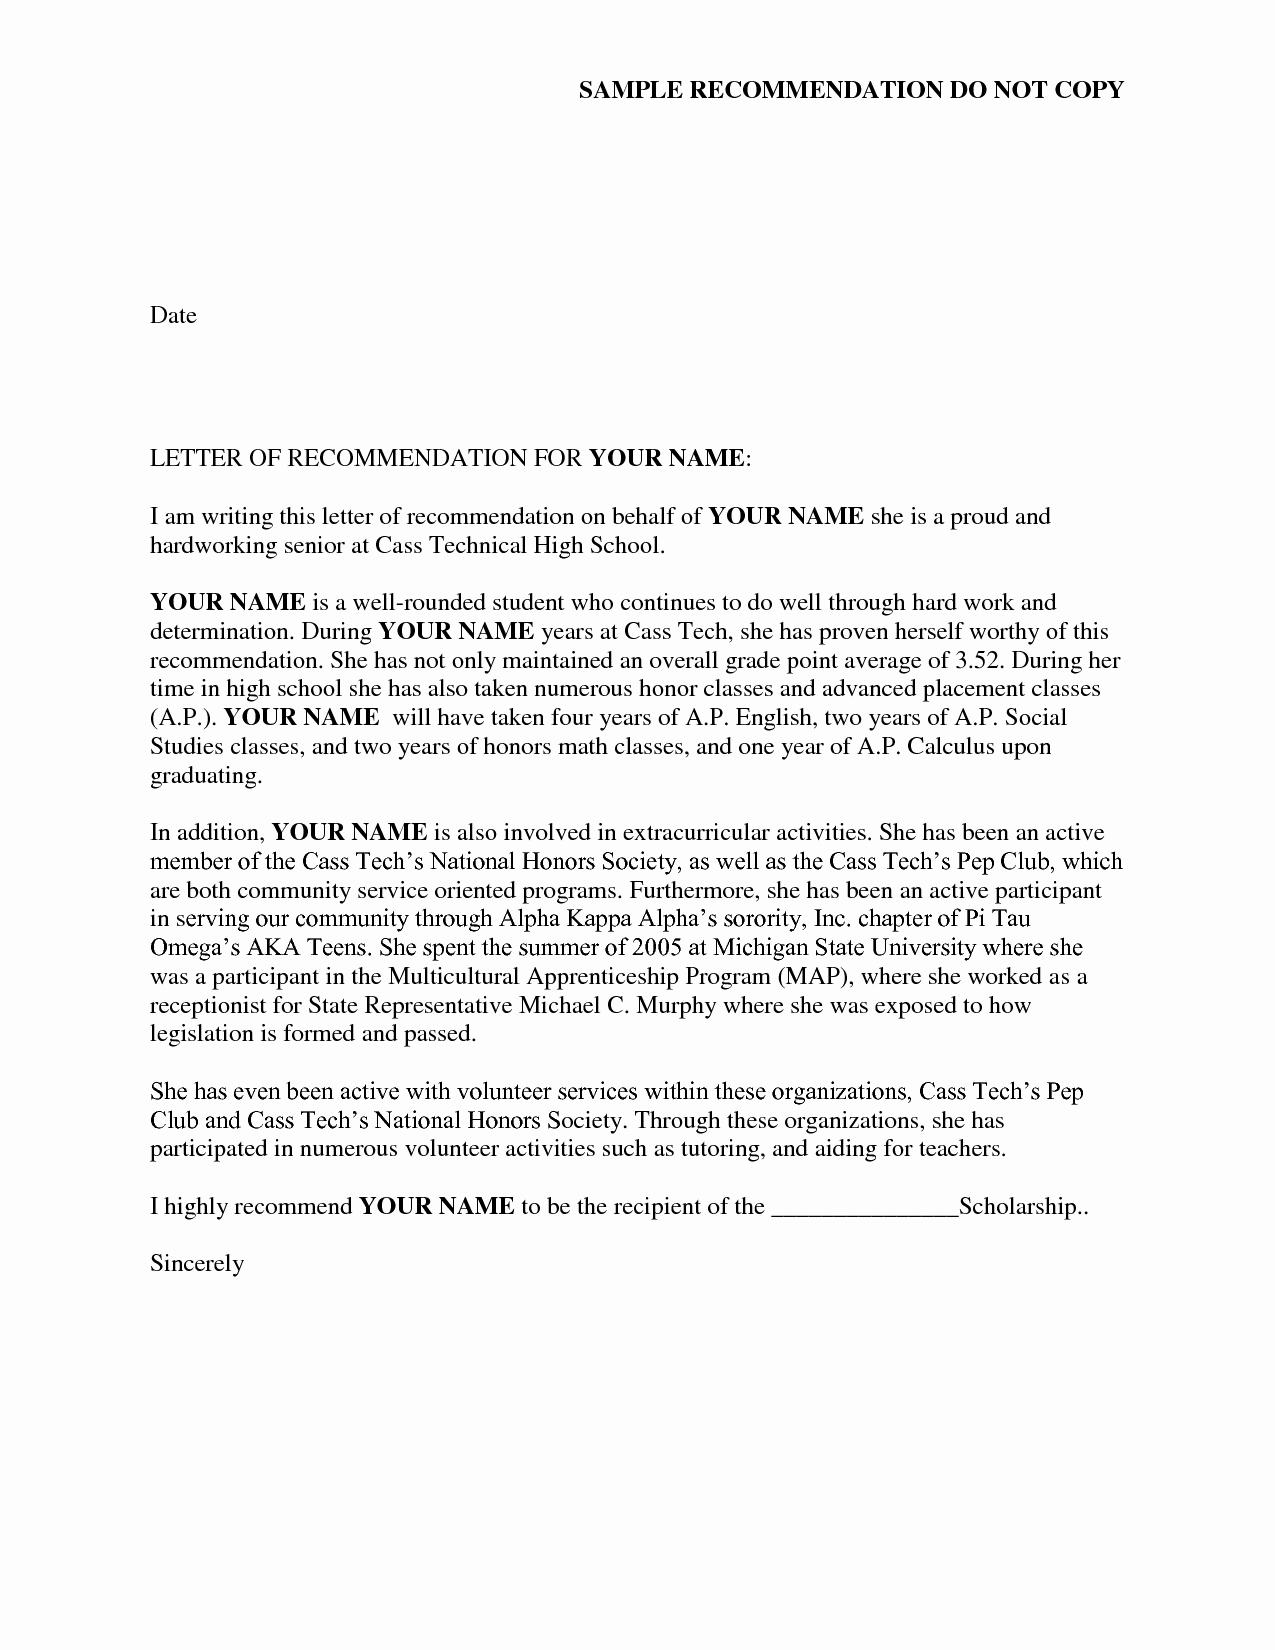 Sorority Recommendation Letter Sample Inspirational sorority Re Mendation Letter